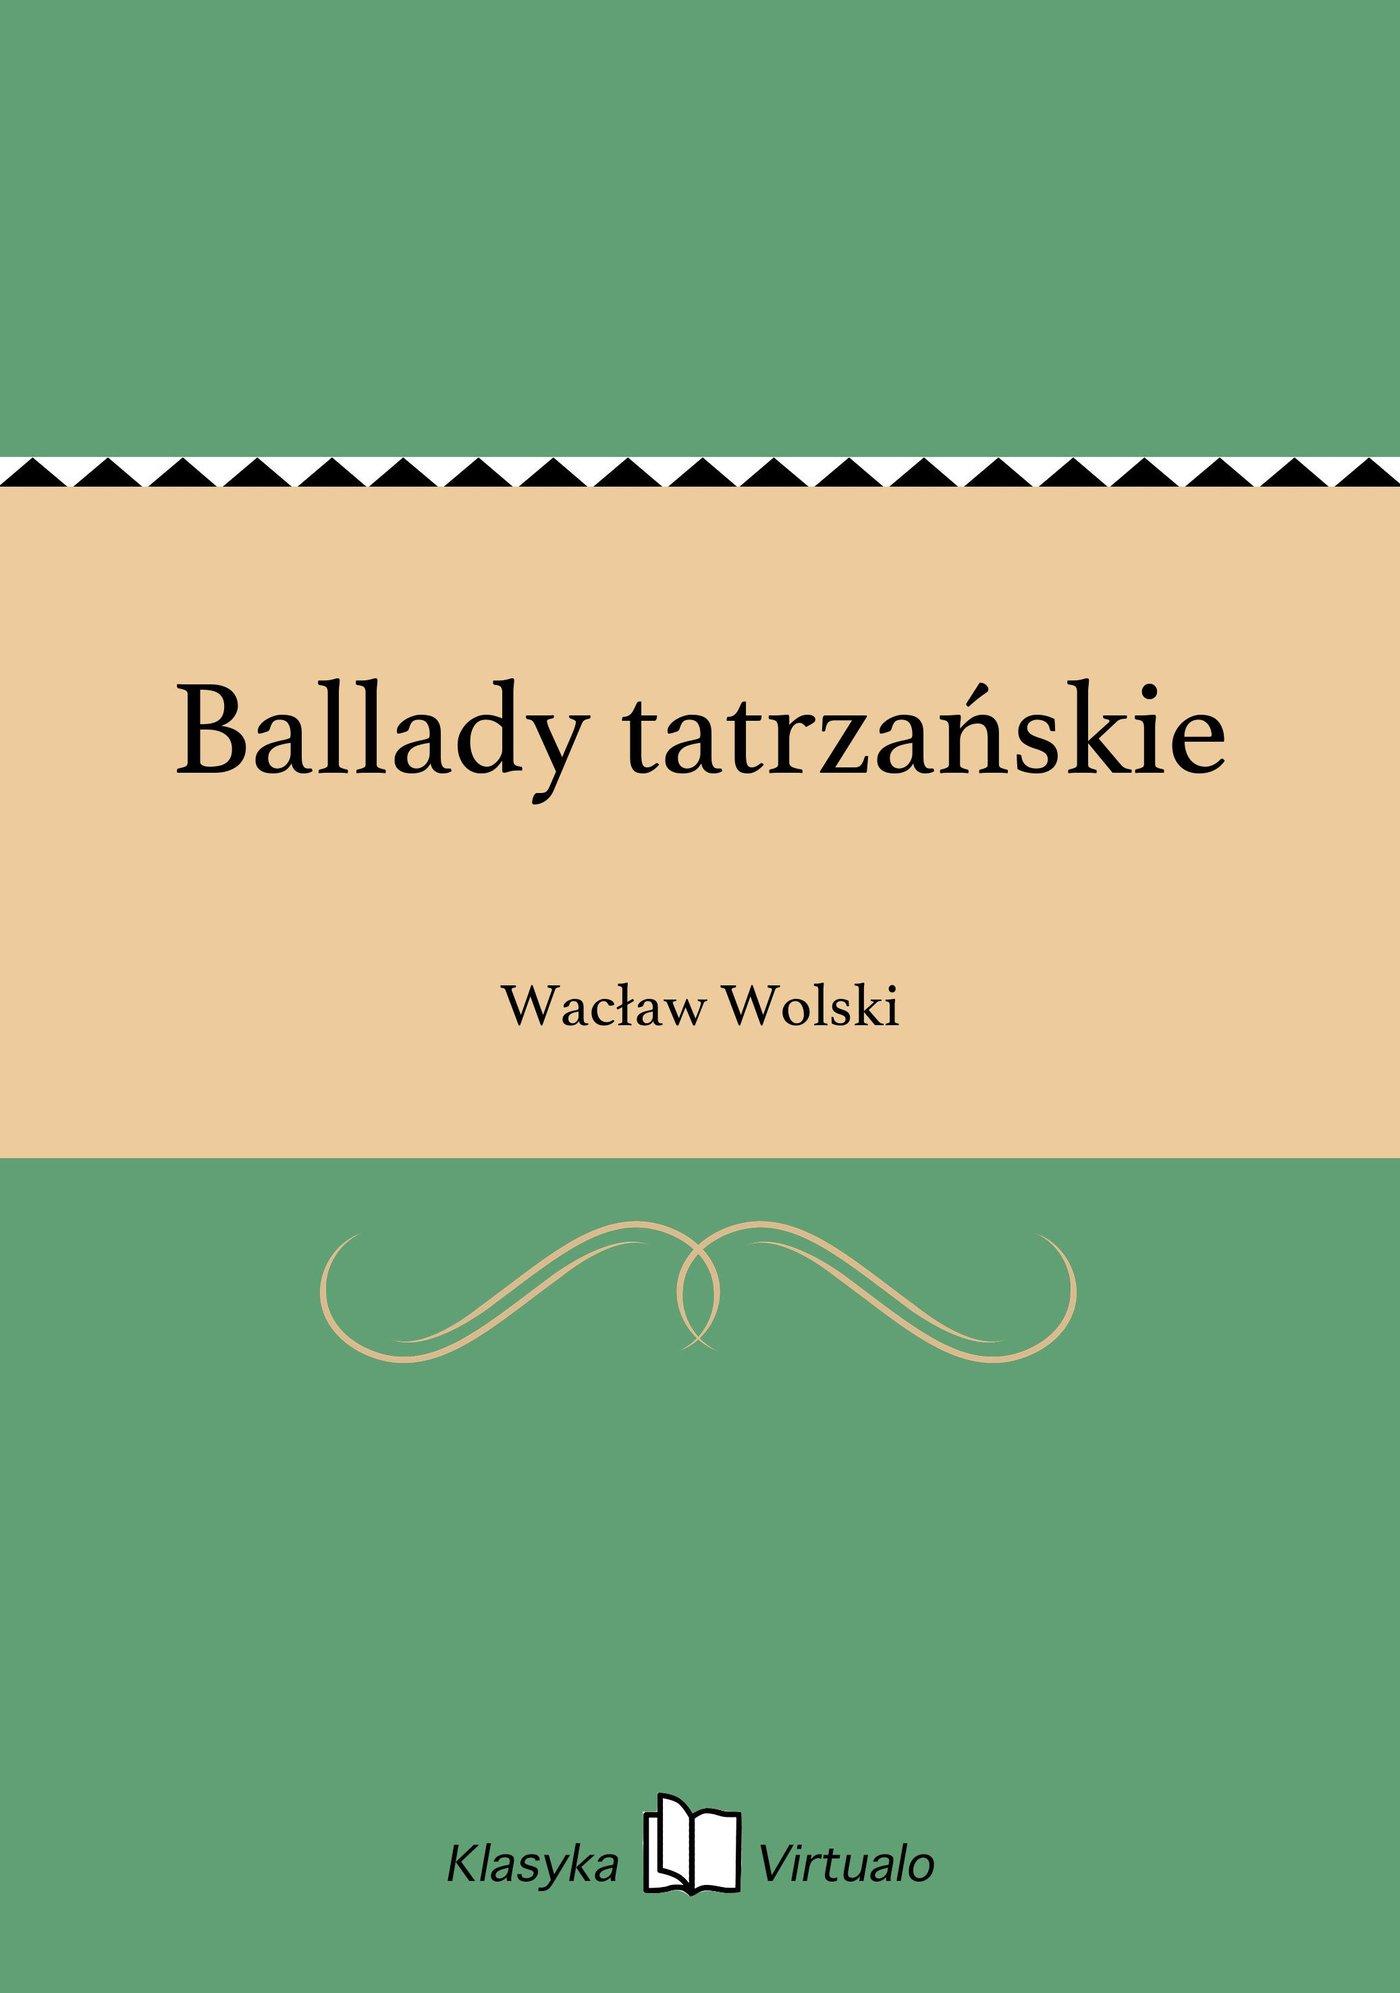 Ballady tatrzańskie - Ebook (Książka na Kindle) do pobrania w formacie MOBI